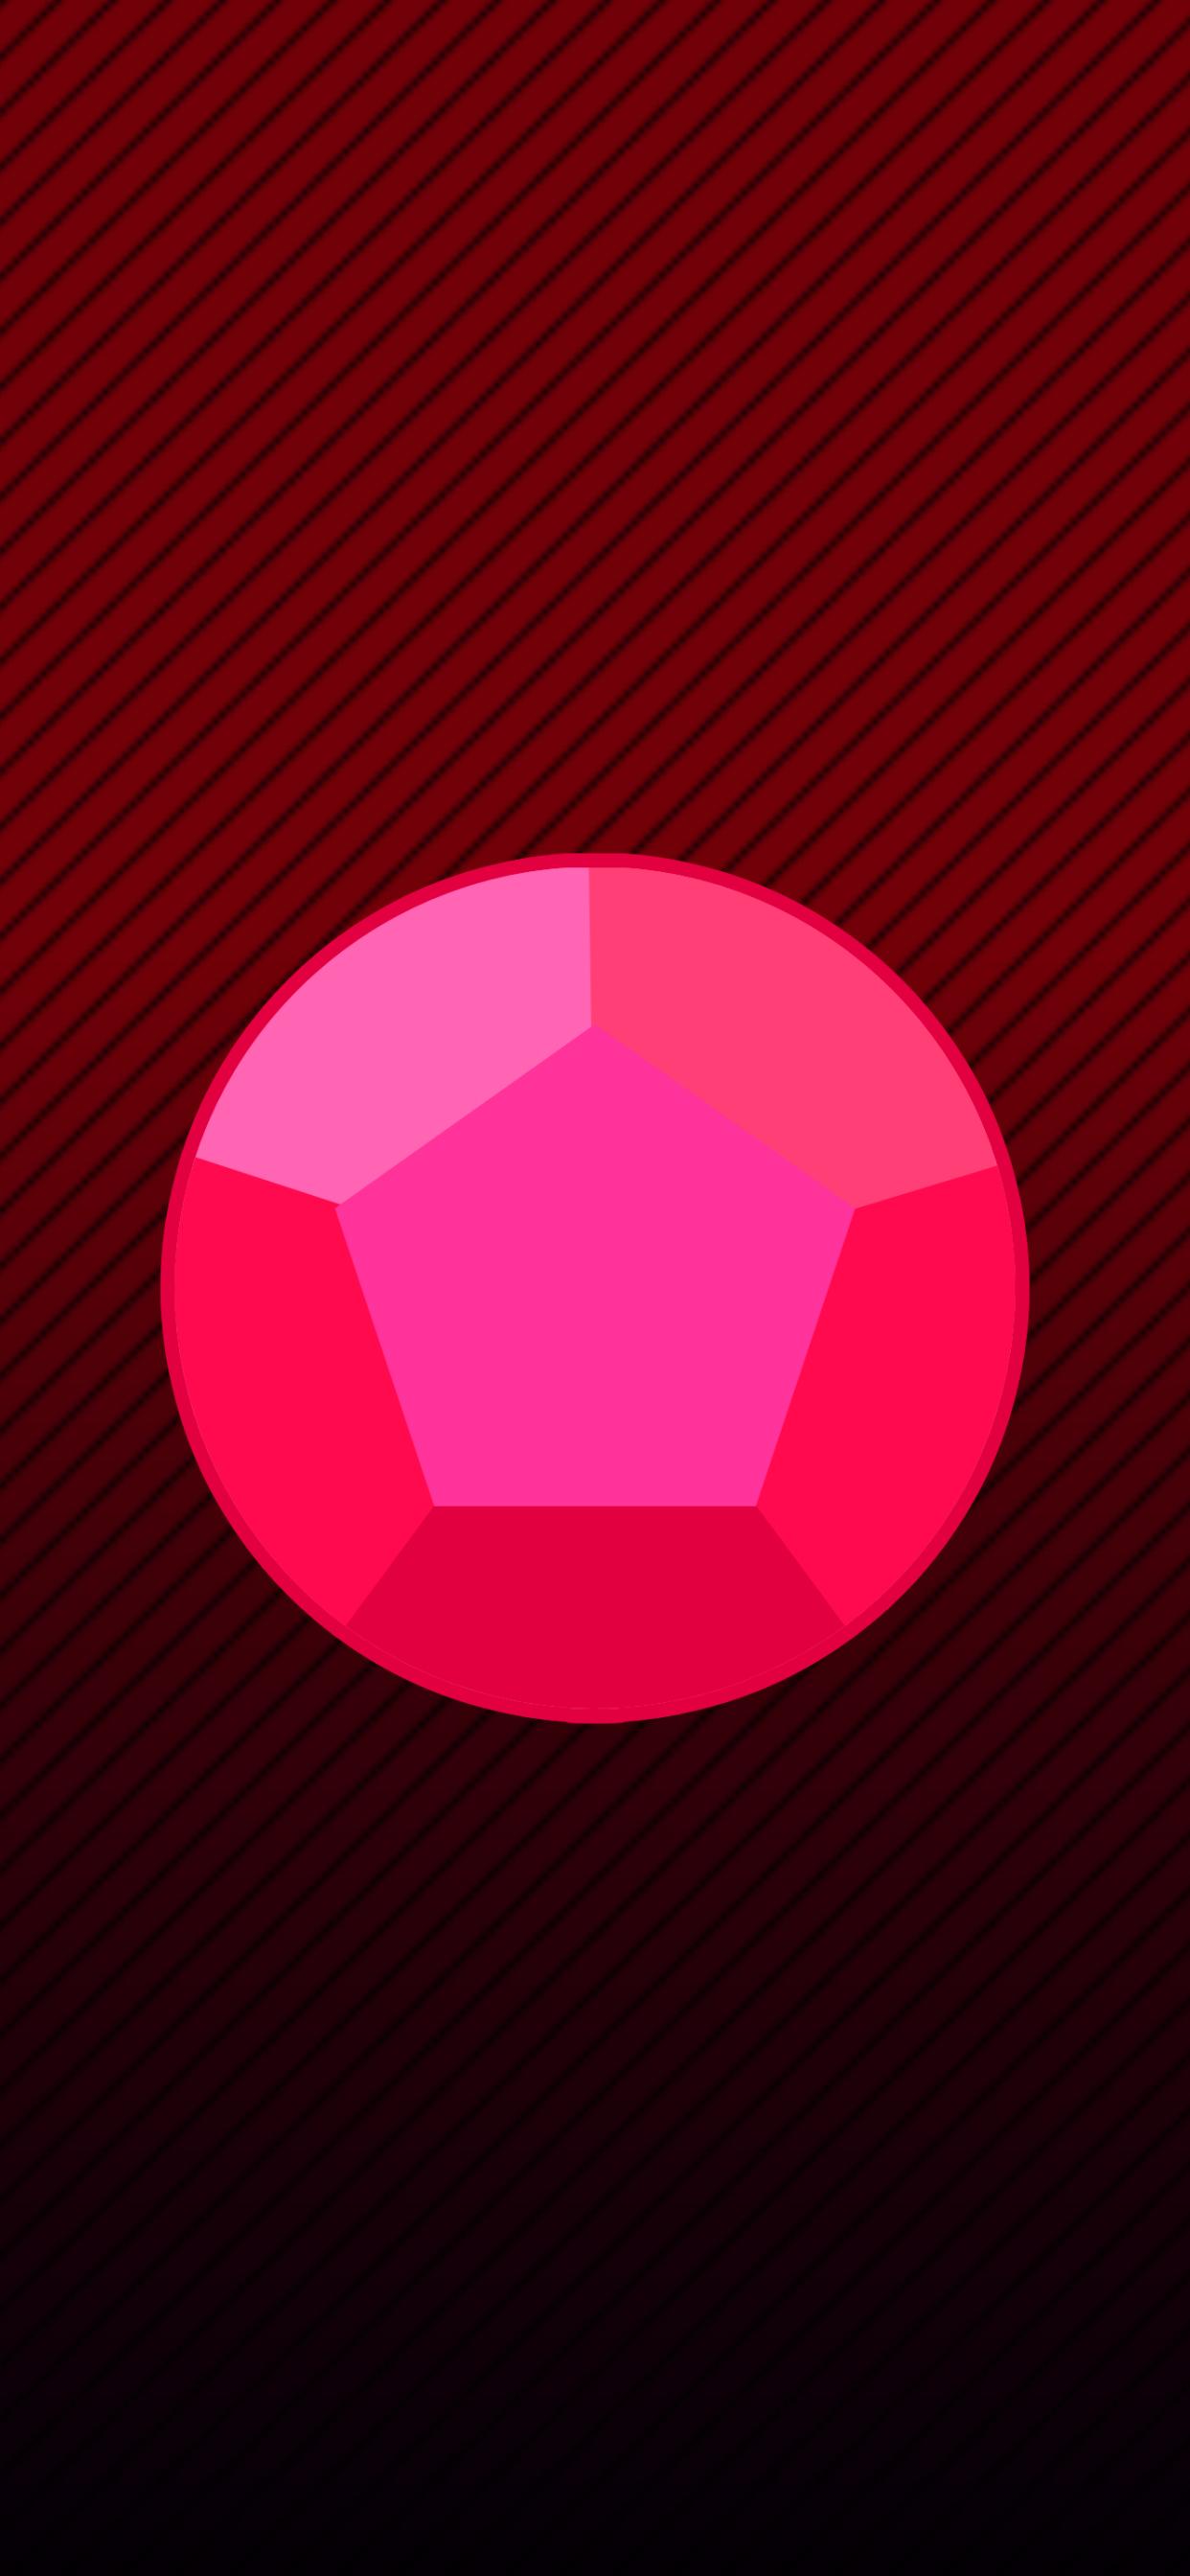 1242x2688 Steven Universe Minimalist Iphone Xs Max Wallpaper Hd